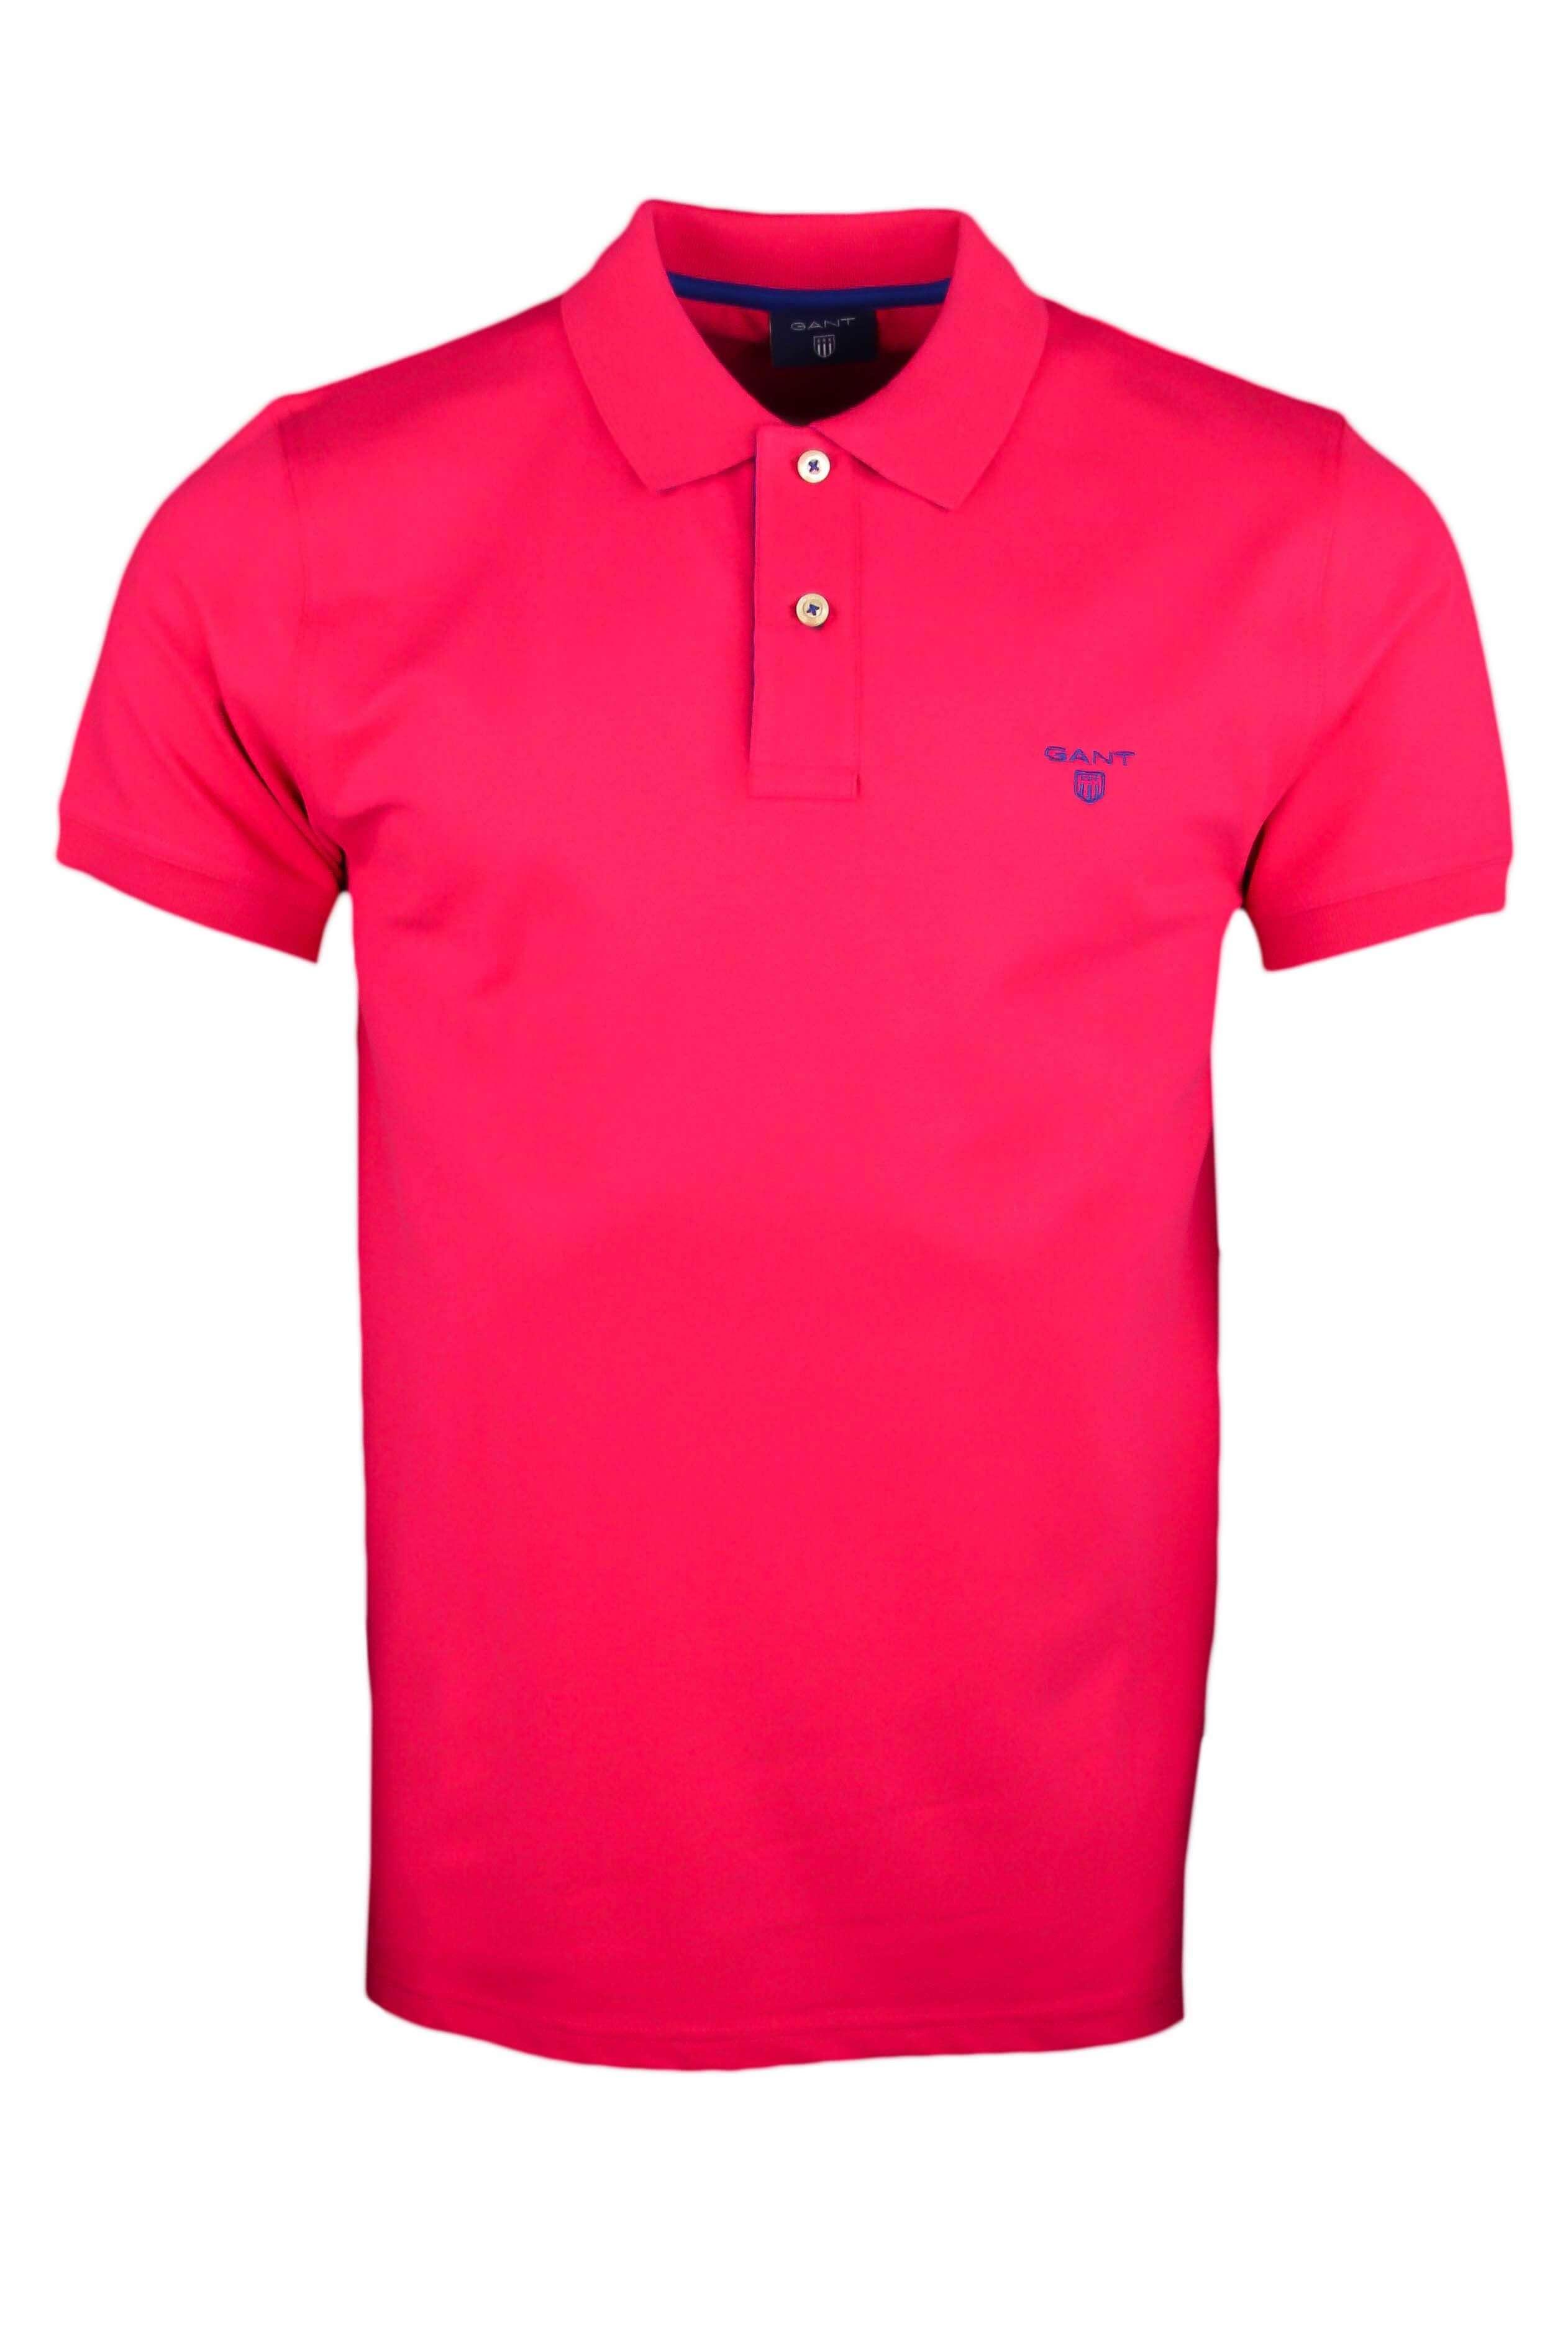 e10a924f7690 Polo Gant basique rose fushia pour homme - Toujours au meilleur prix !